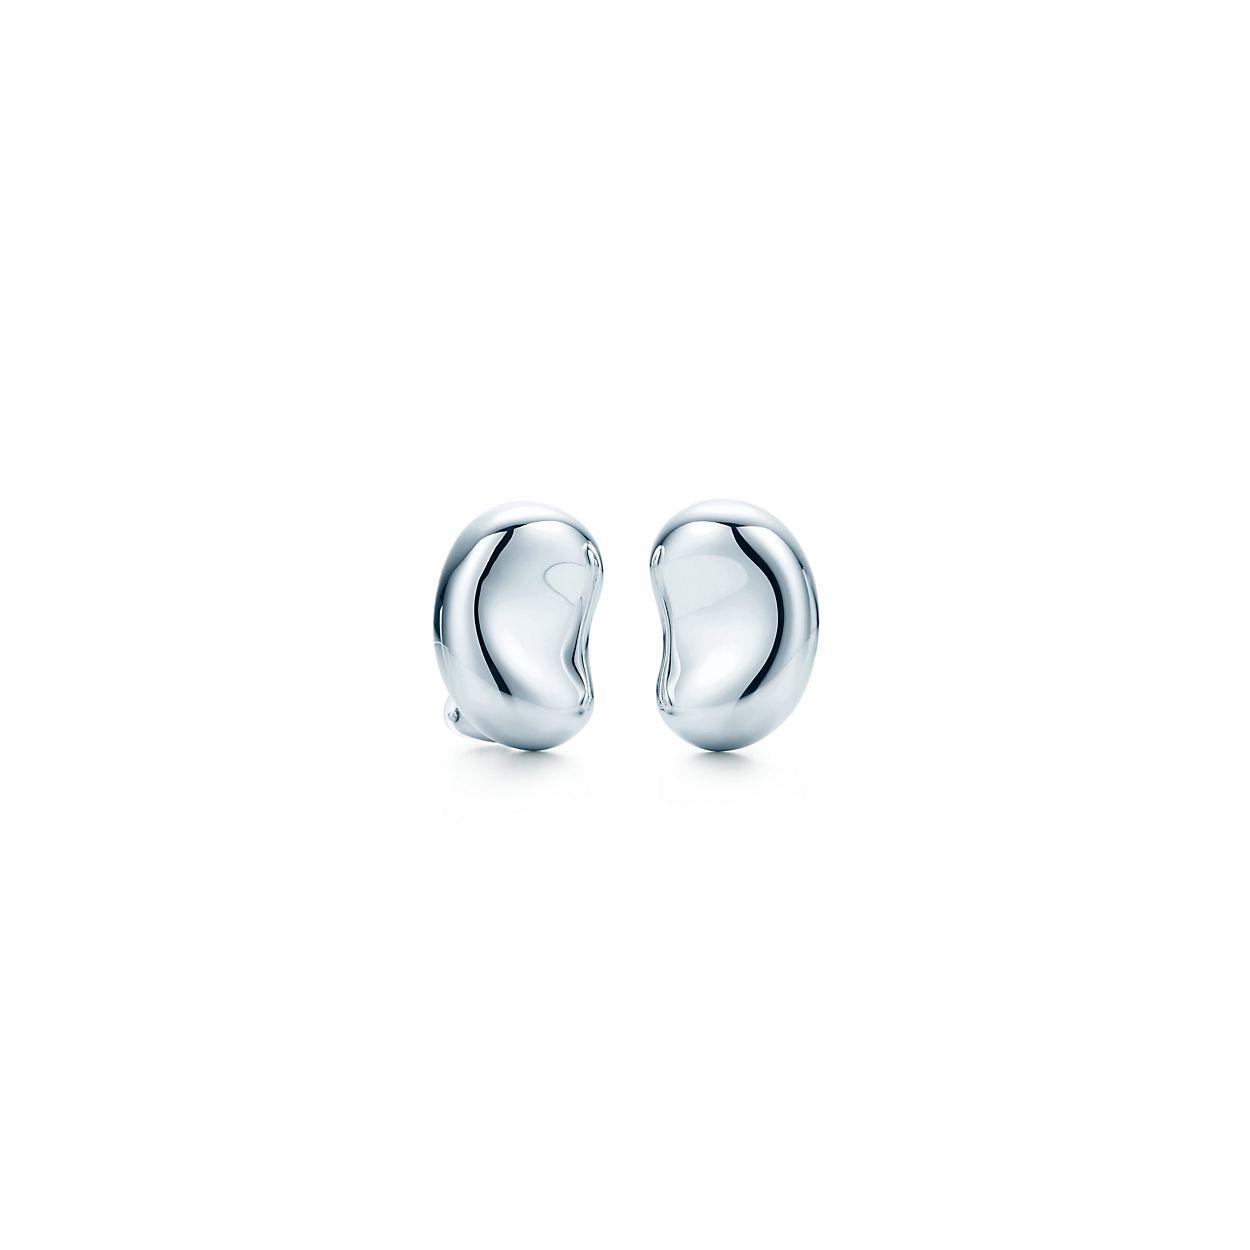 Elsa Peretti Bean Design Ear Clips